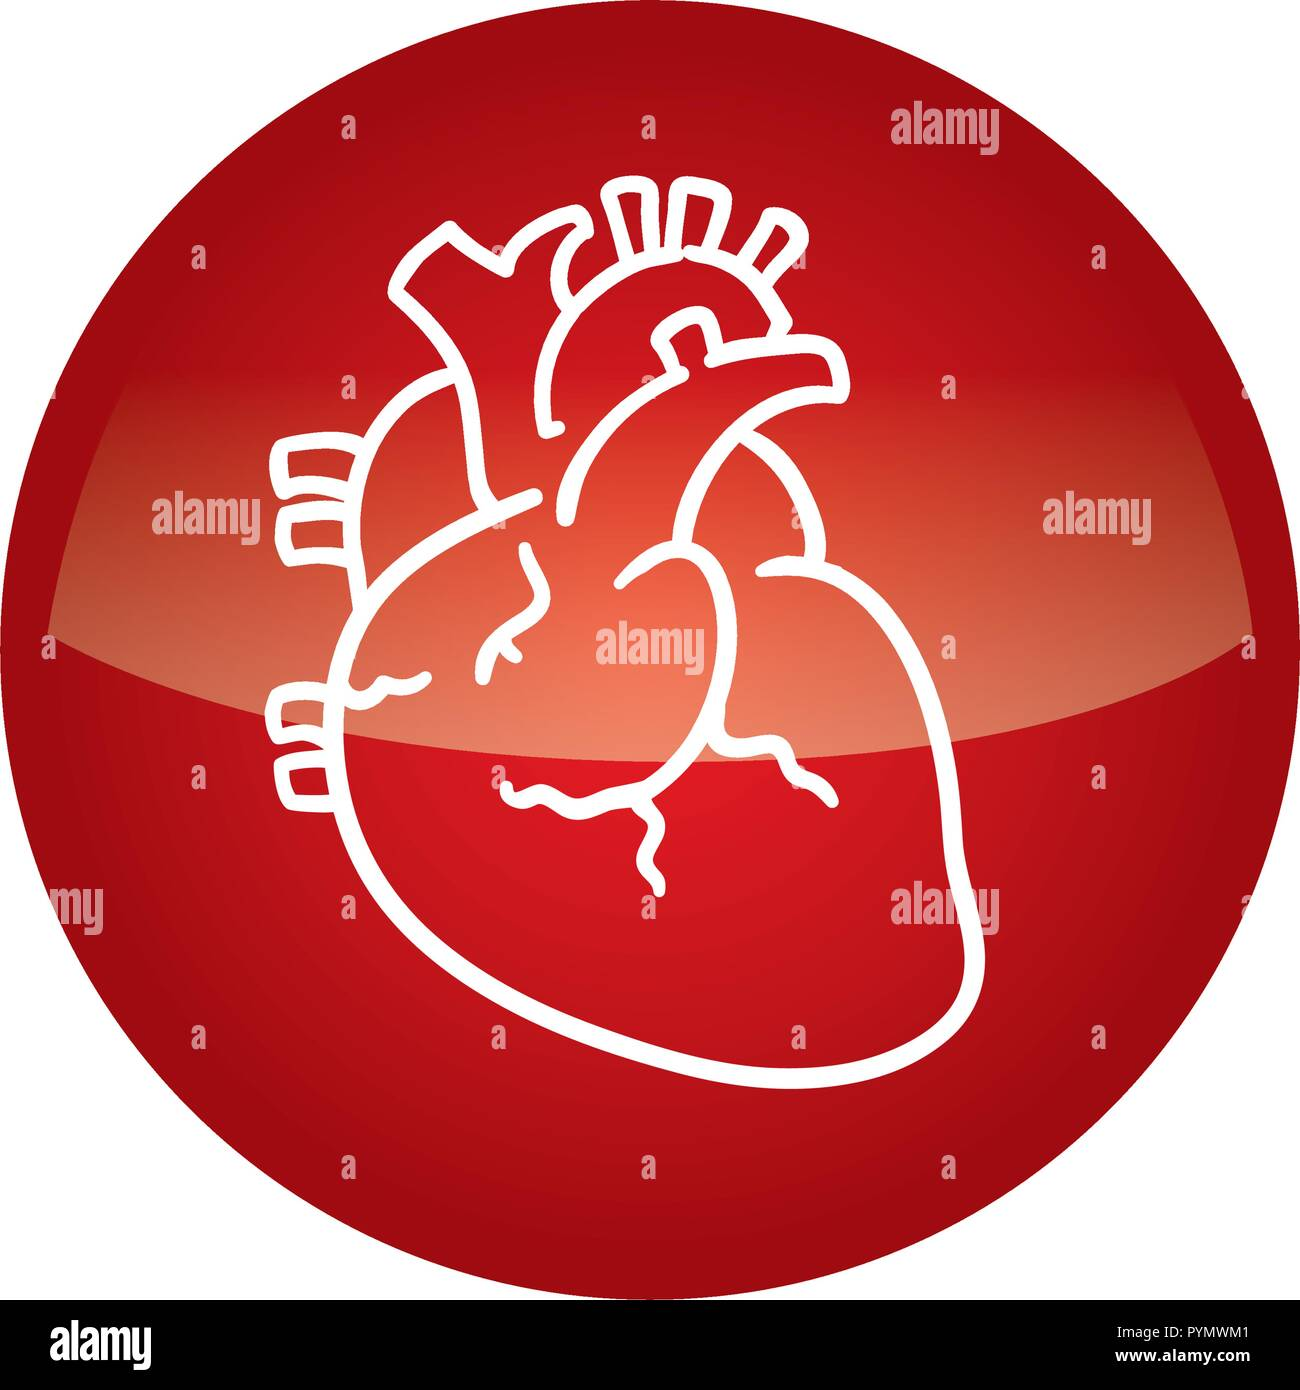 Órgano del corazón humano, diseño de ilustraciones vectoriales icono Imagen De Stock